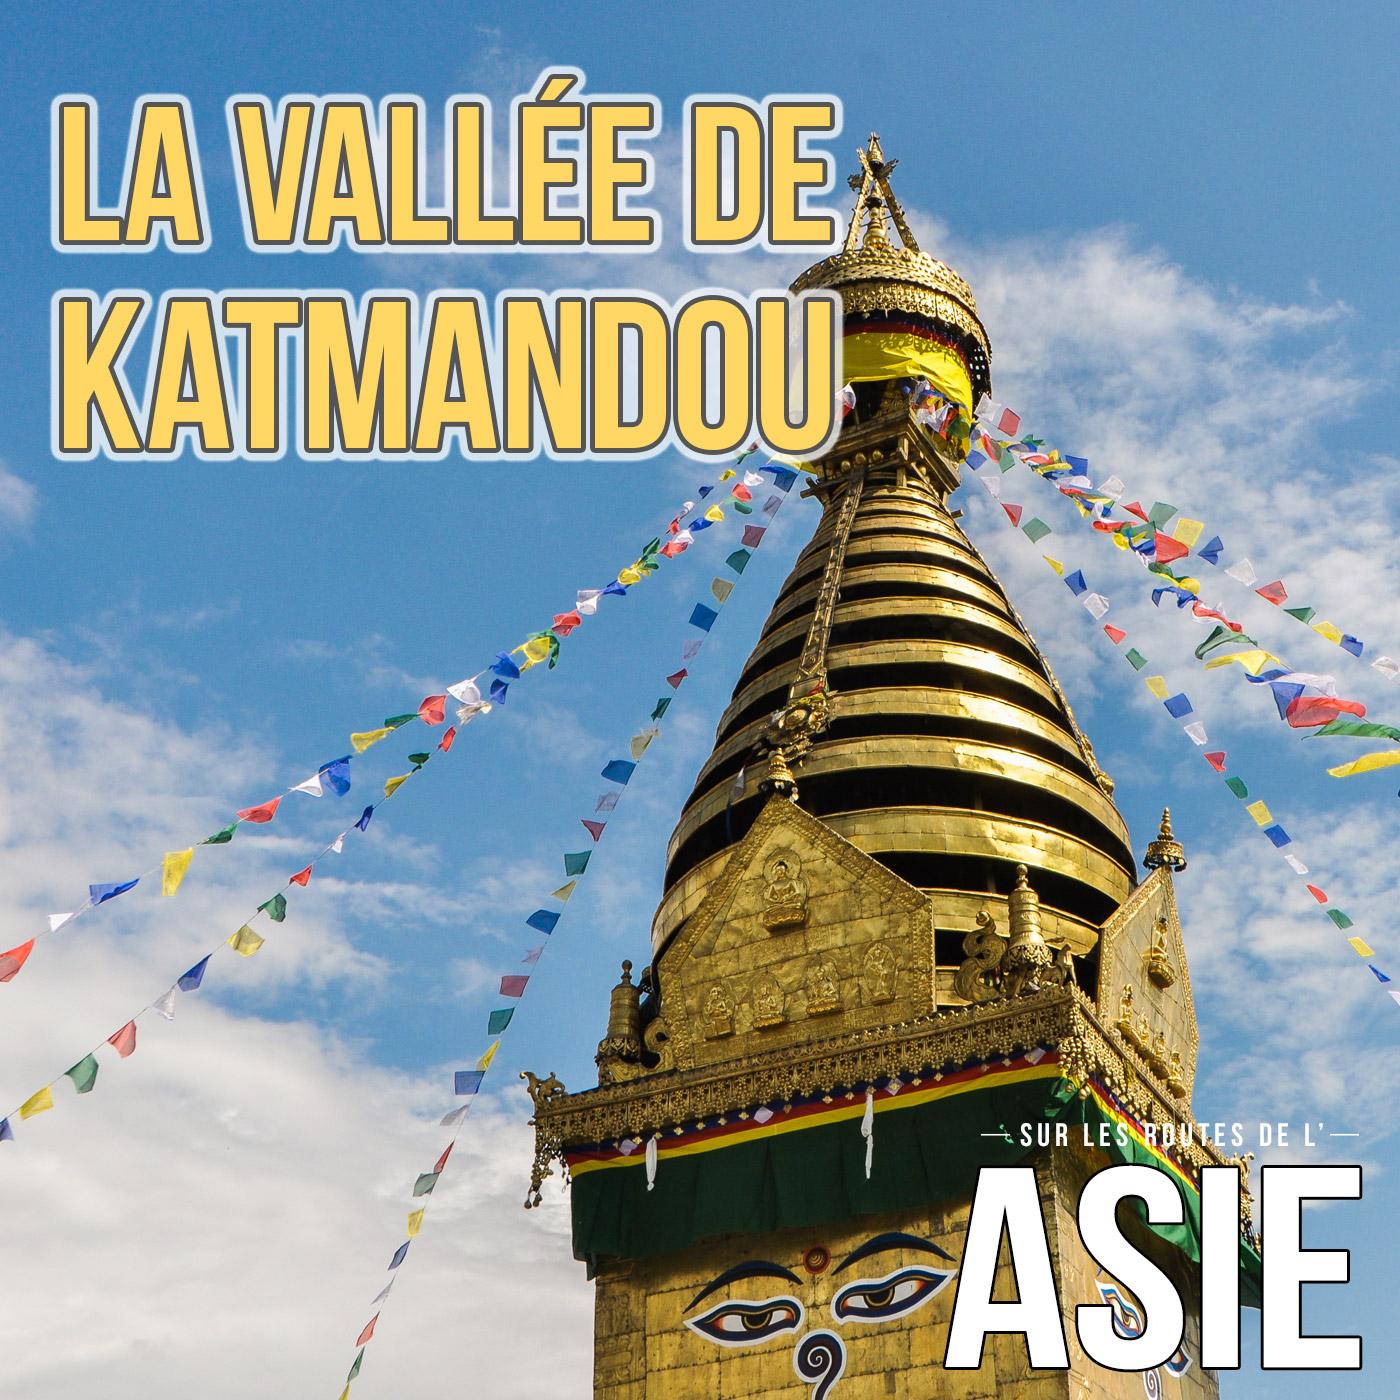 La vallée de Katmandou (Népal)